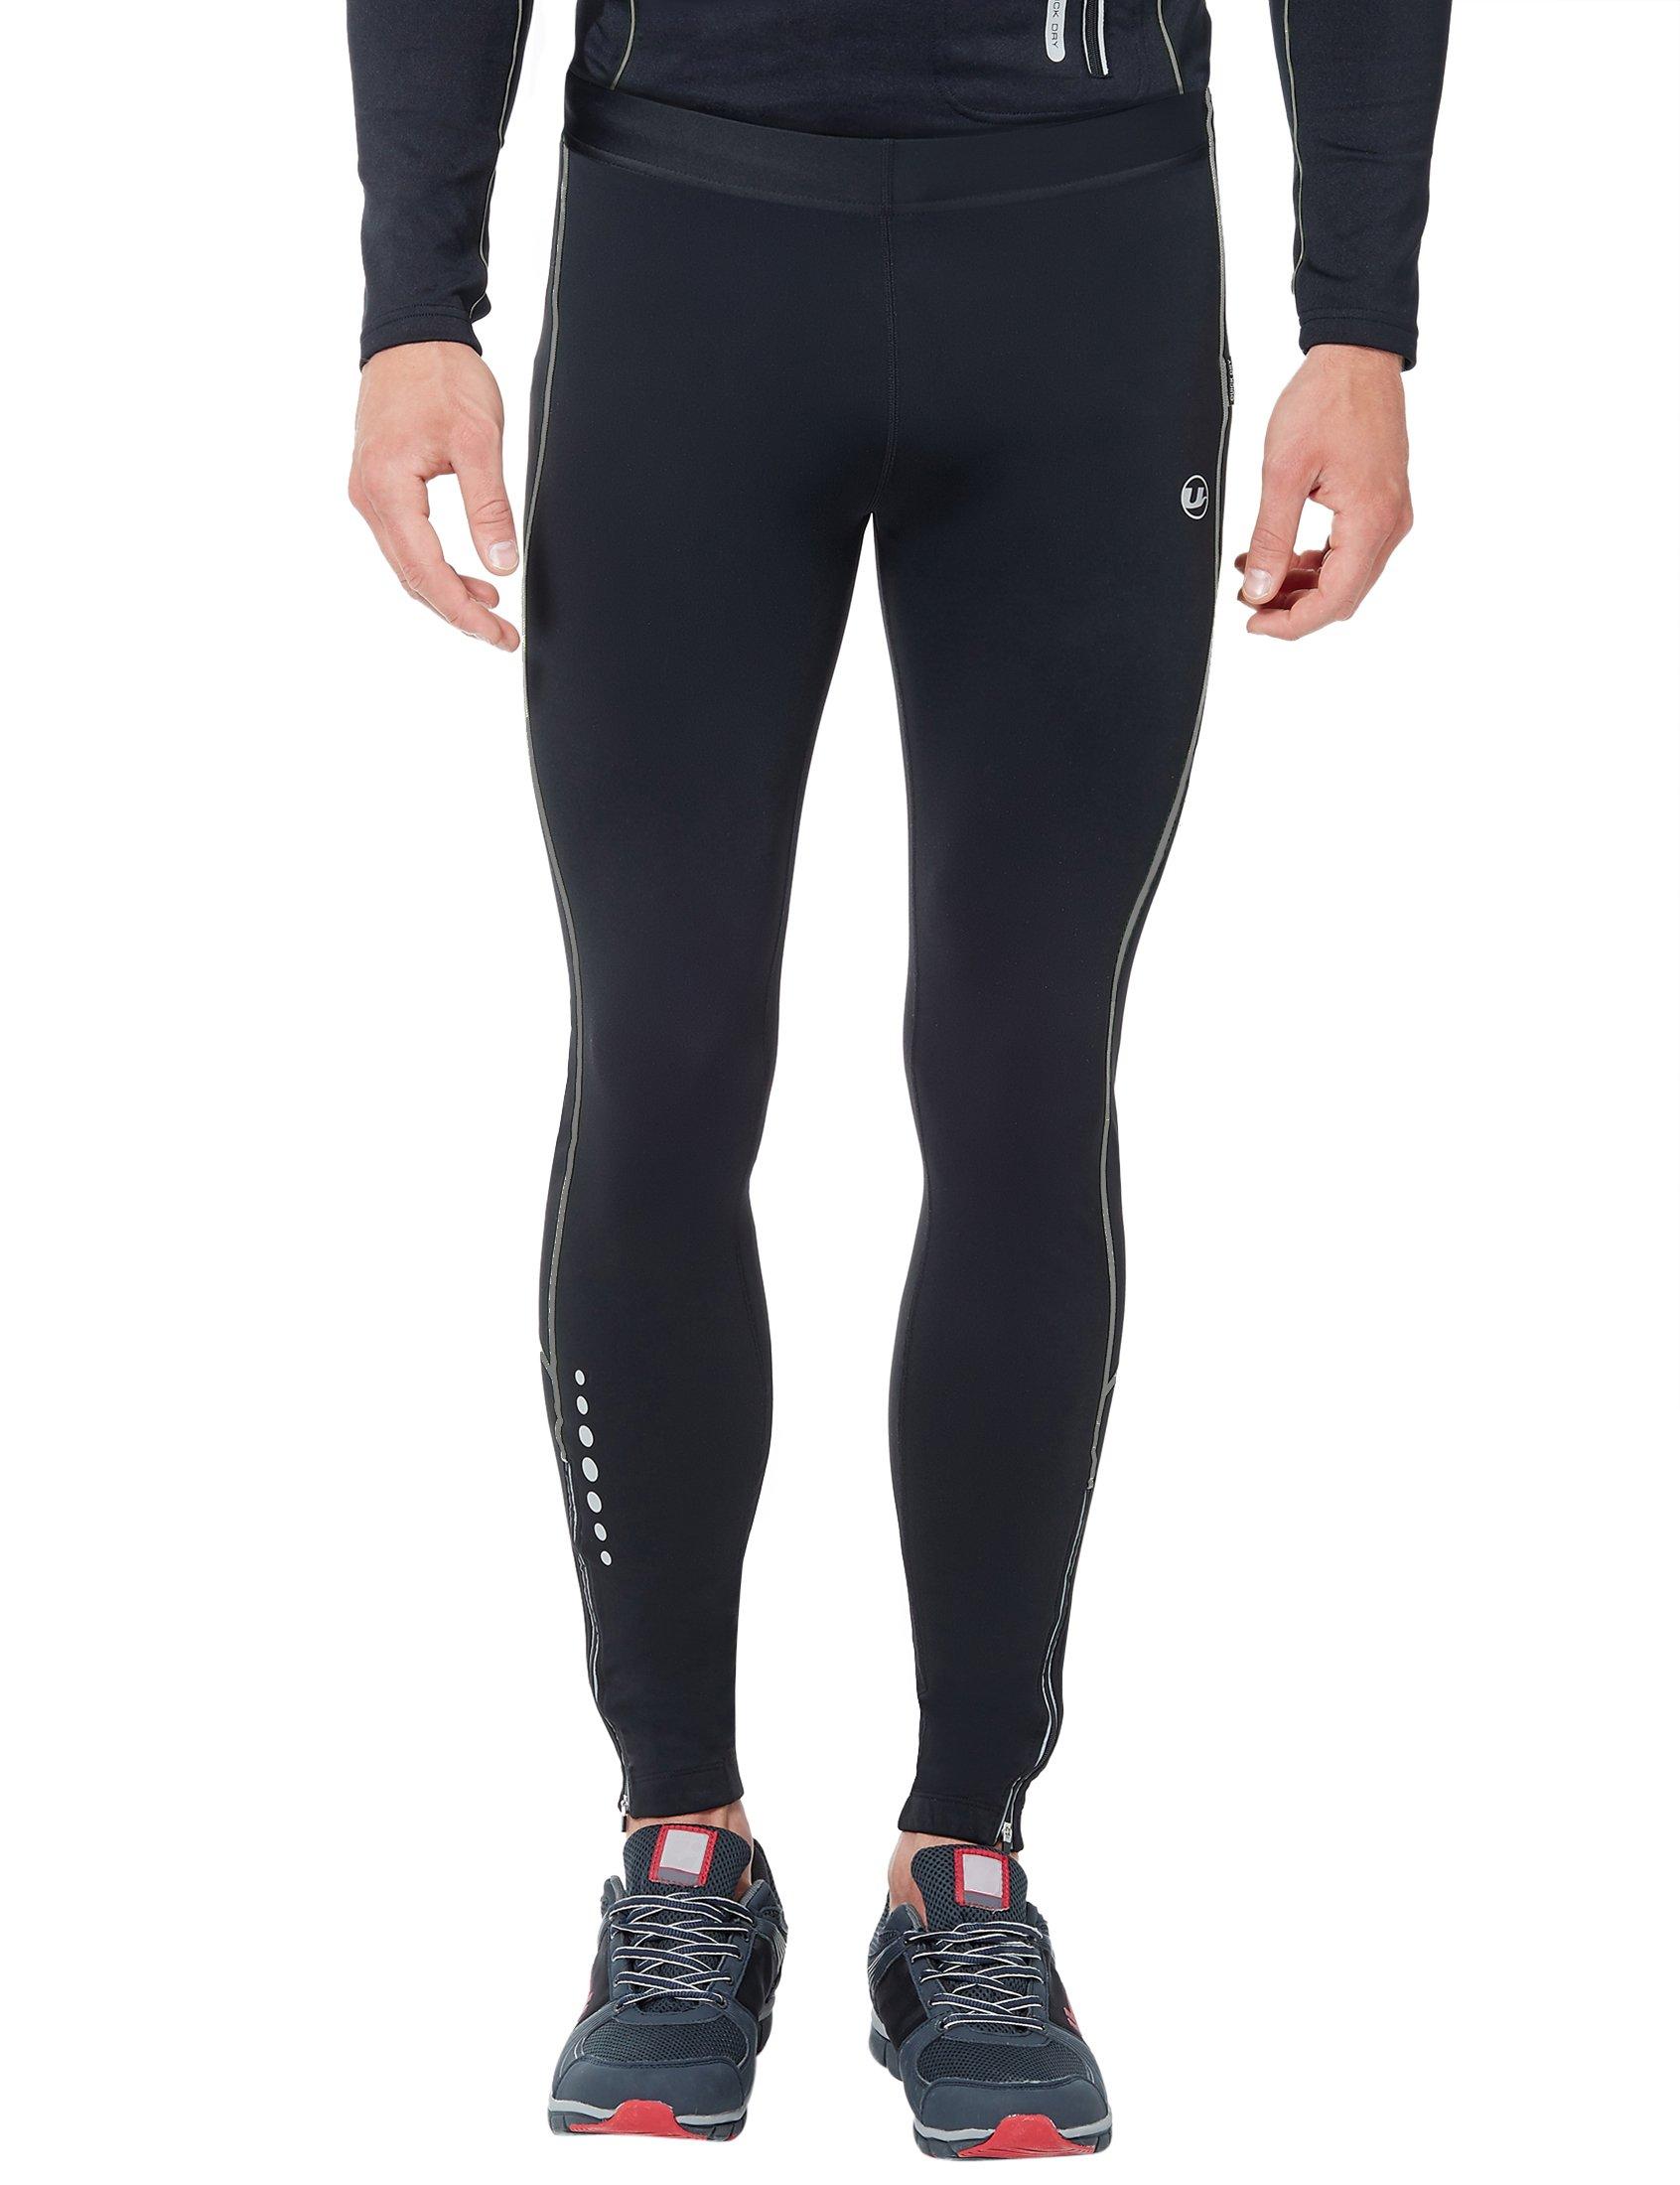 Ultrasport Pantalones largos de correr para hombre, con efecto de compresión y función de secado